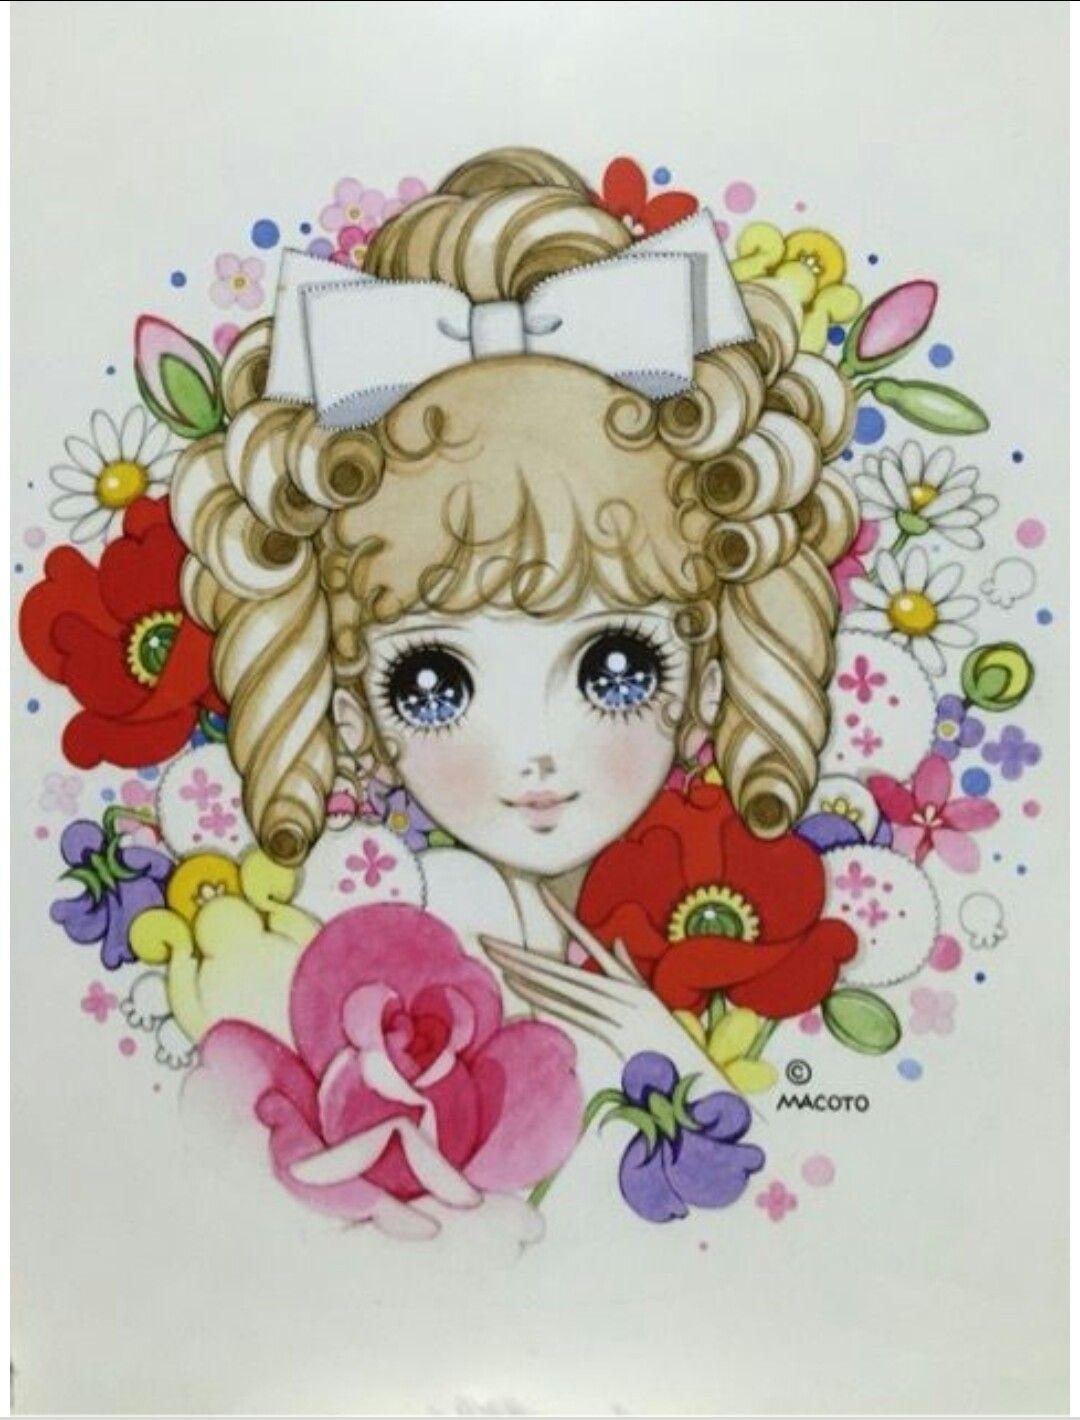 「高橋真琴」おしゃれまとめの人気アイデア|Pinterest|雪萍 李 かわいい絵, 奇想的なアート, マンガのスケッチ